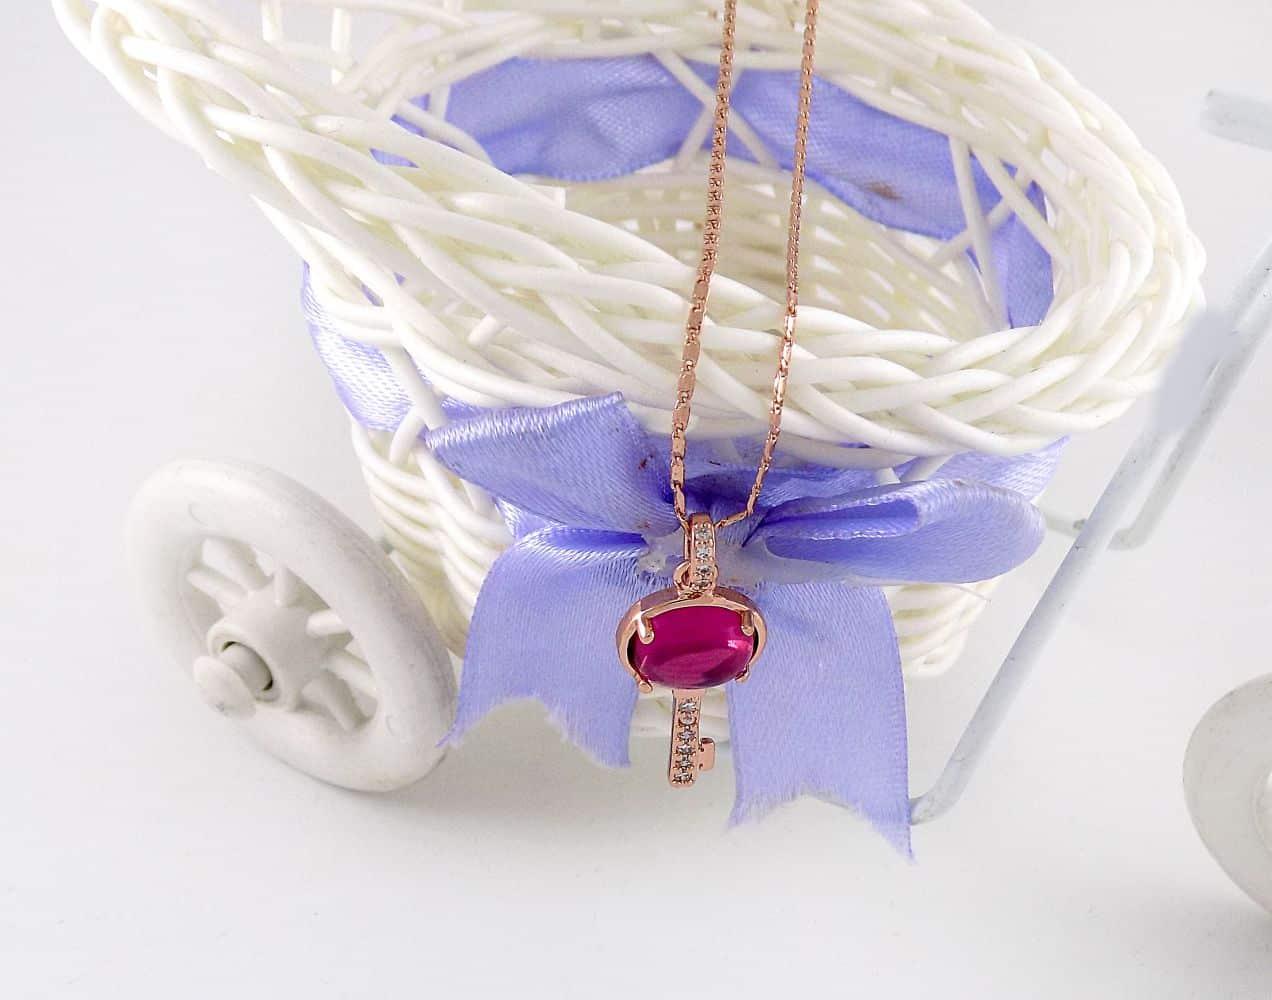 گردنبند دخترانه رزگلد طرح کلید با نگین بنفش سواروسکی اصل nw-n136 از نمای بالا